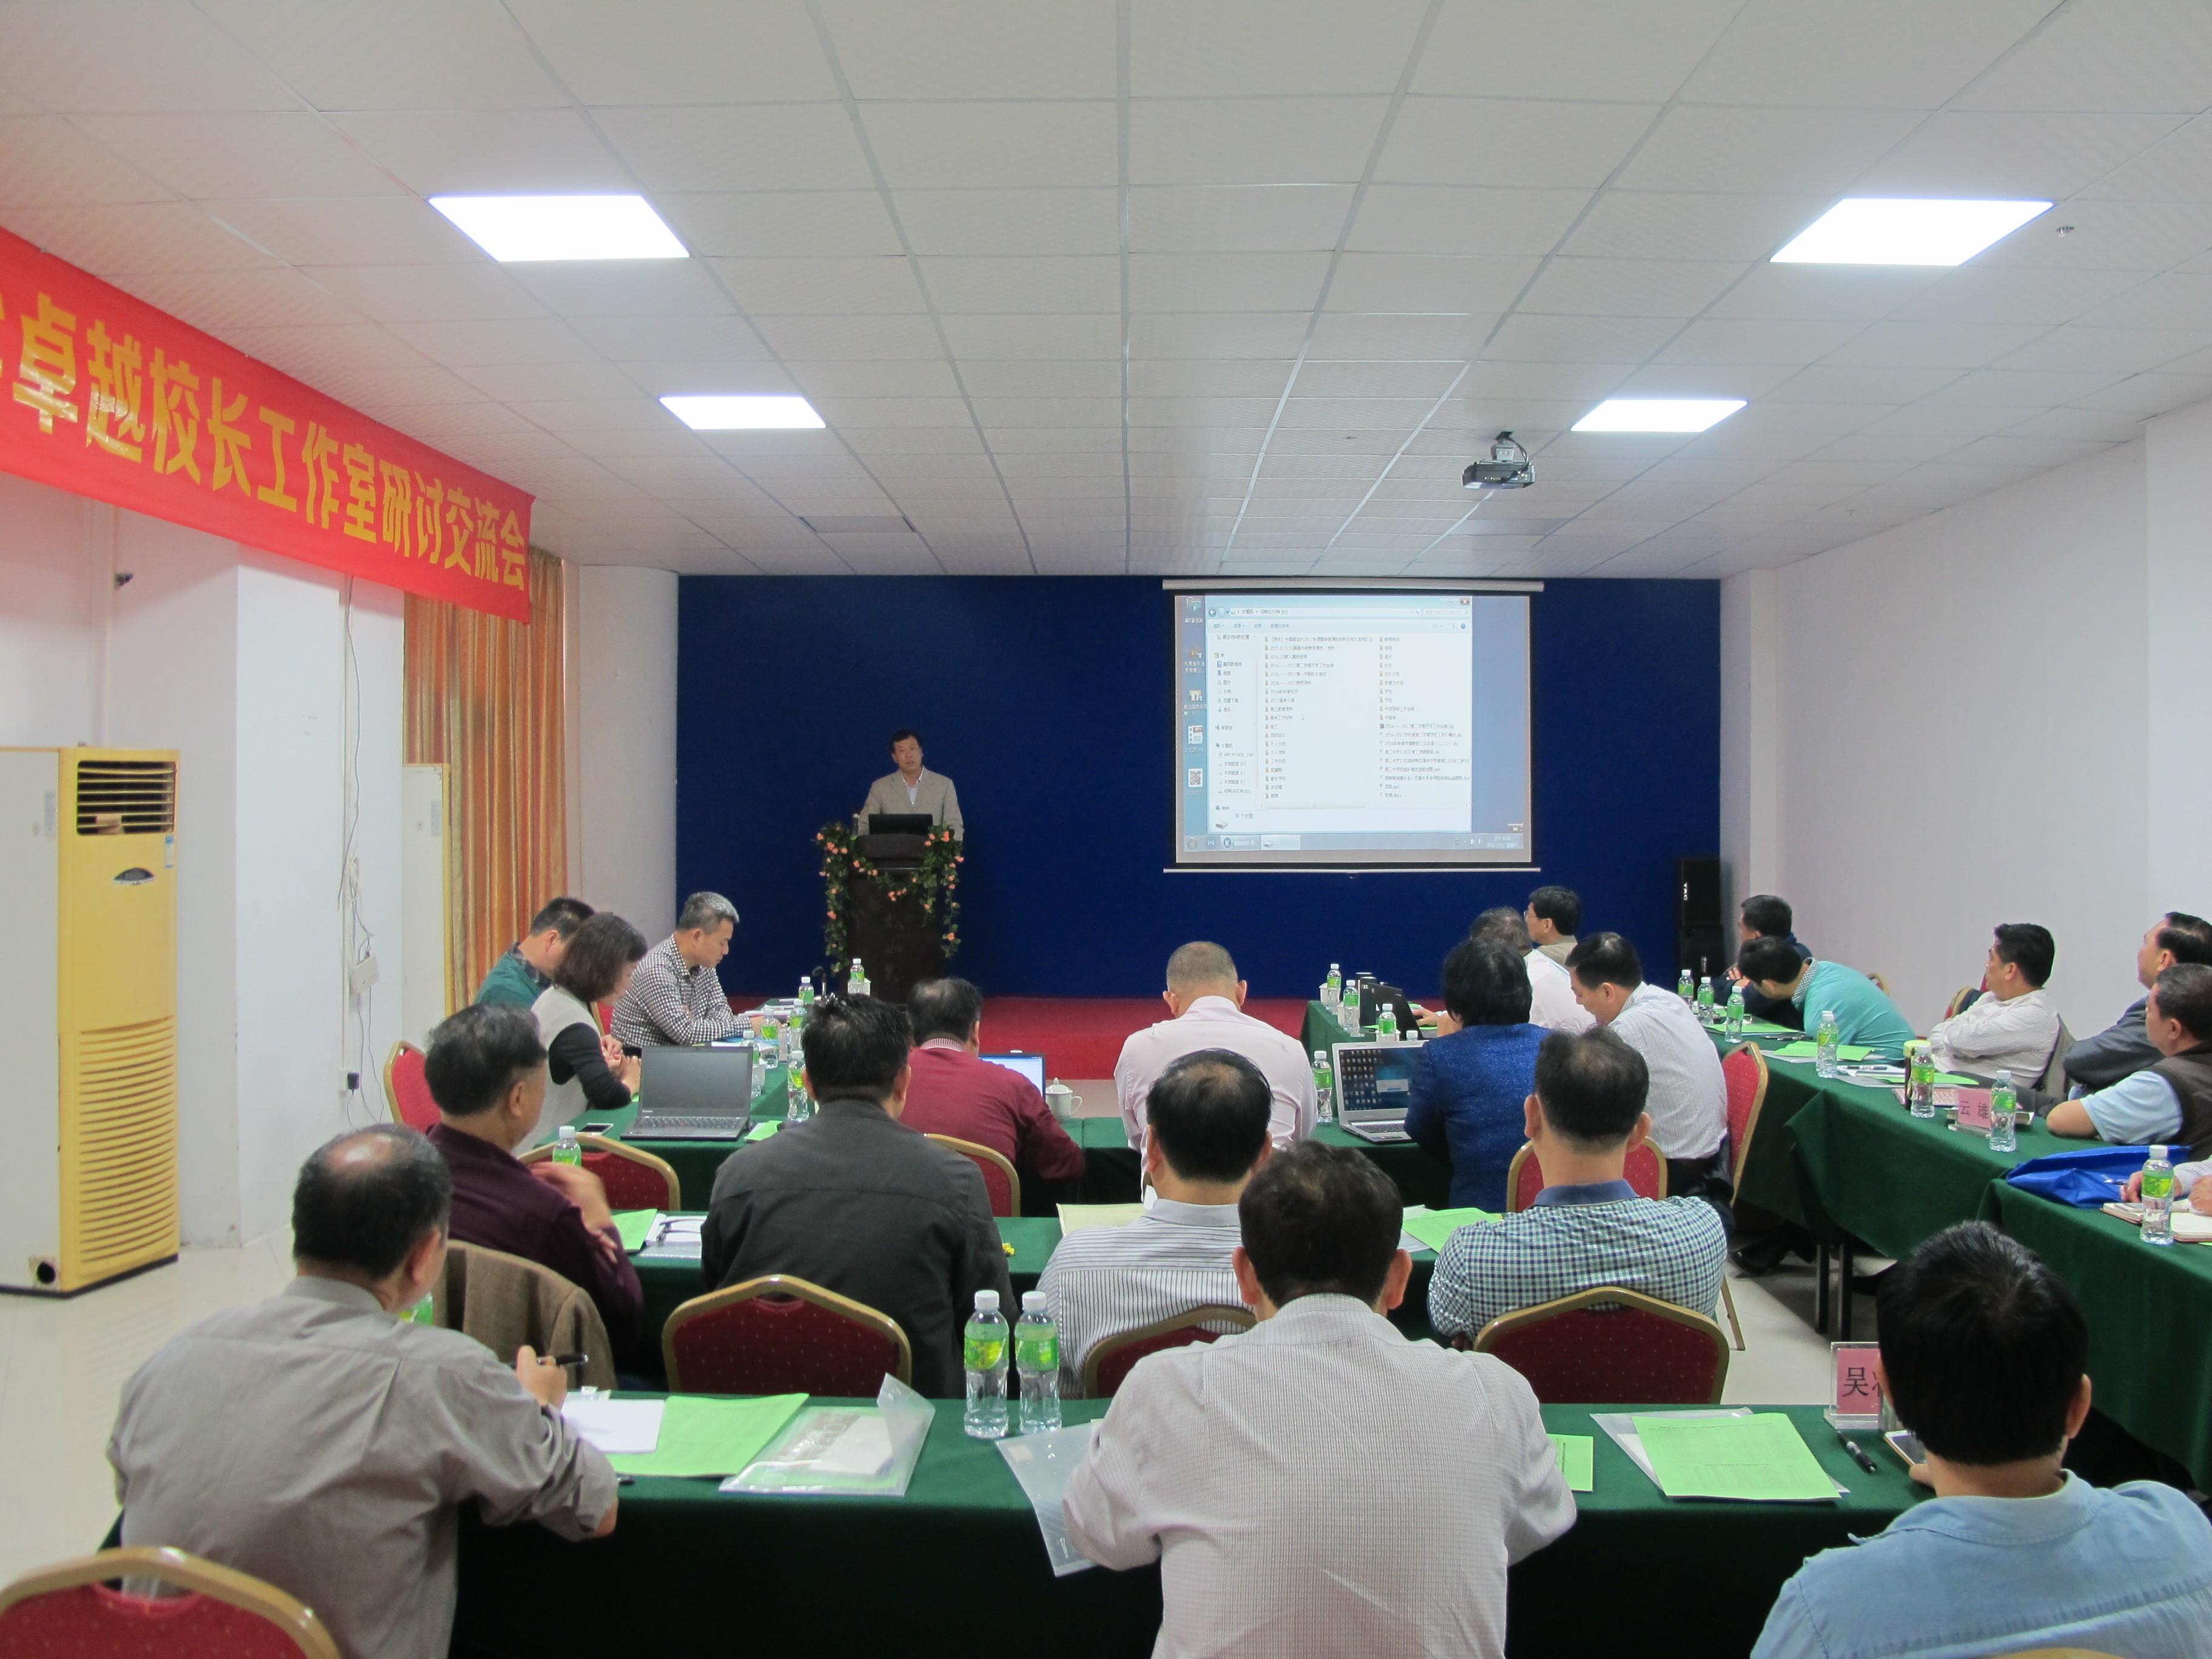 海南省中学卓越校长工作室工作研讨会顺利举办